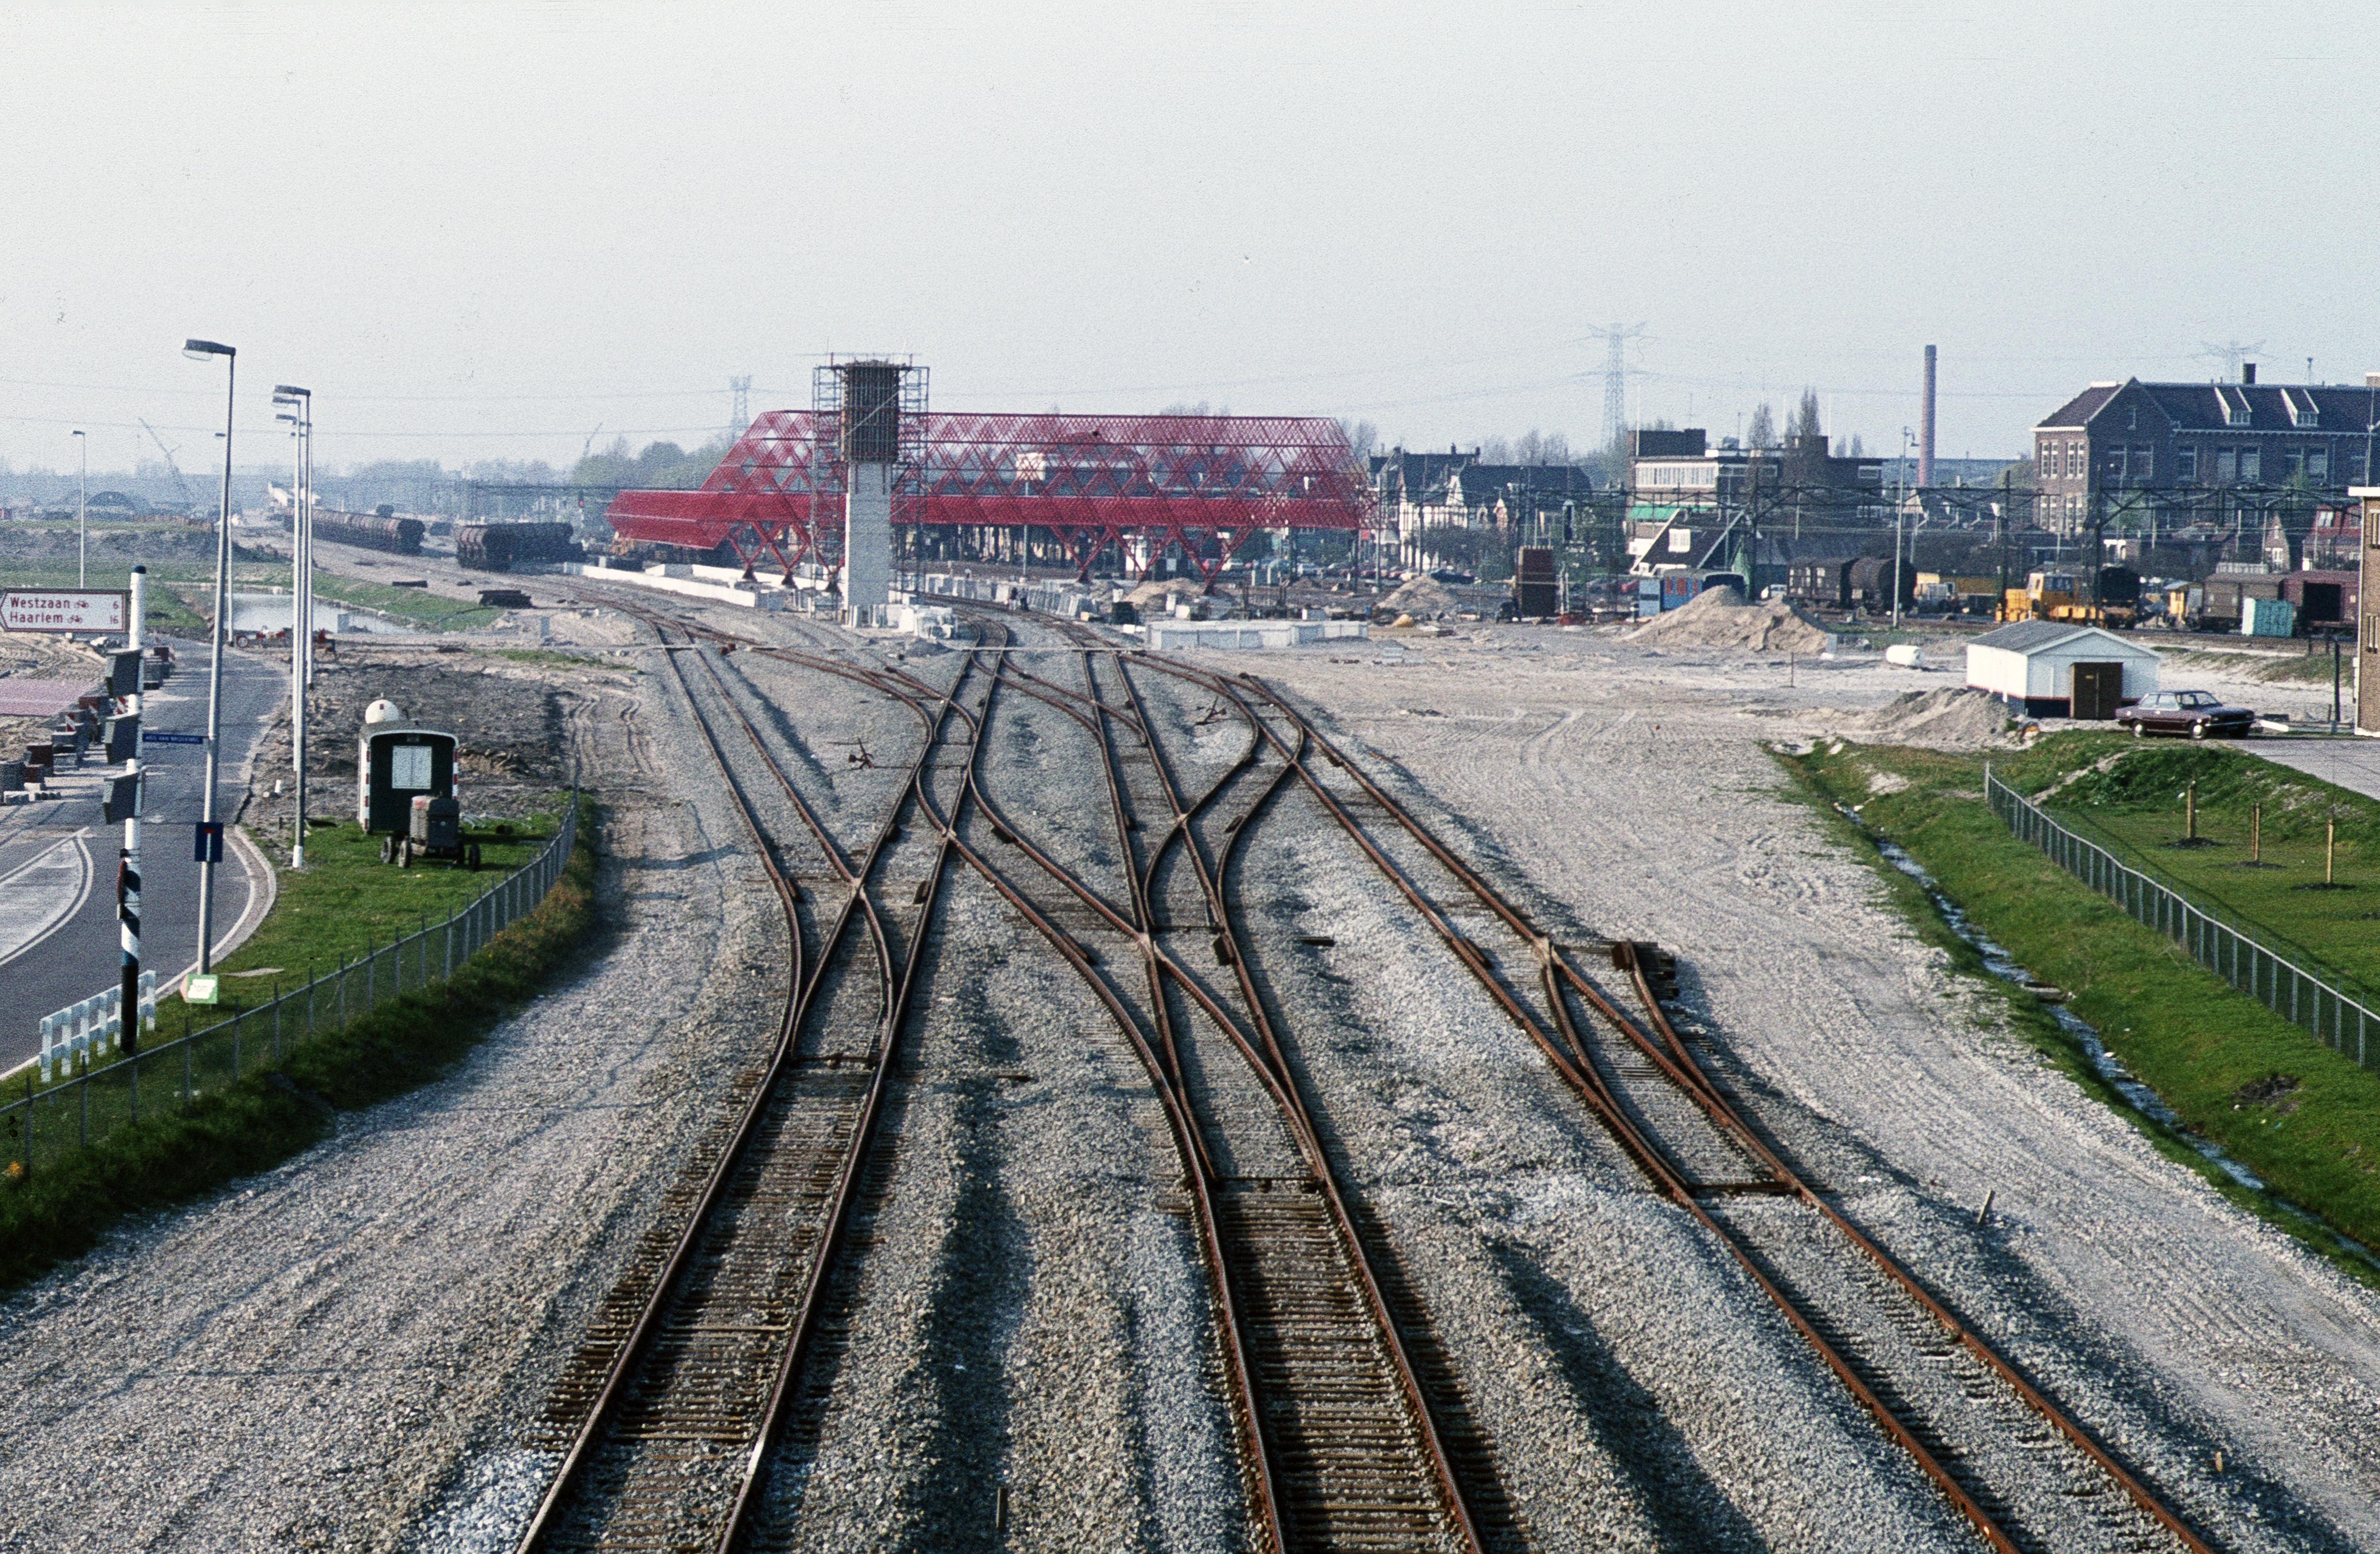 Spoorlijn moest Zaanstreek uit slop trekken, eerste passagiers klaagden ook al over vertraging